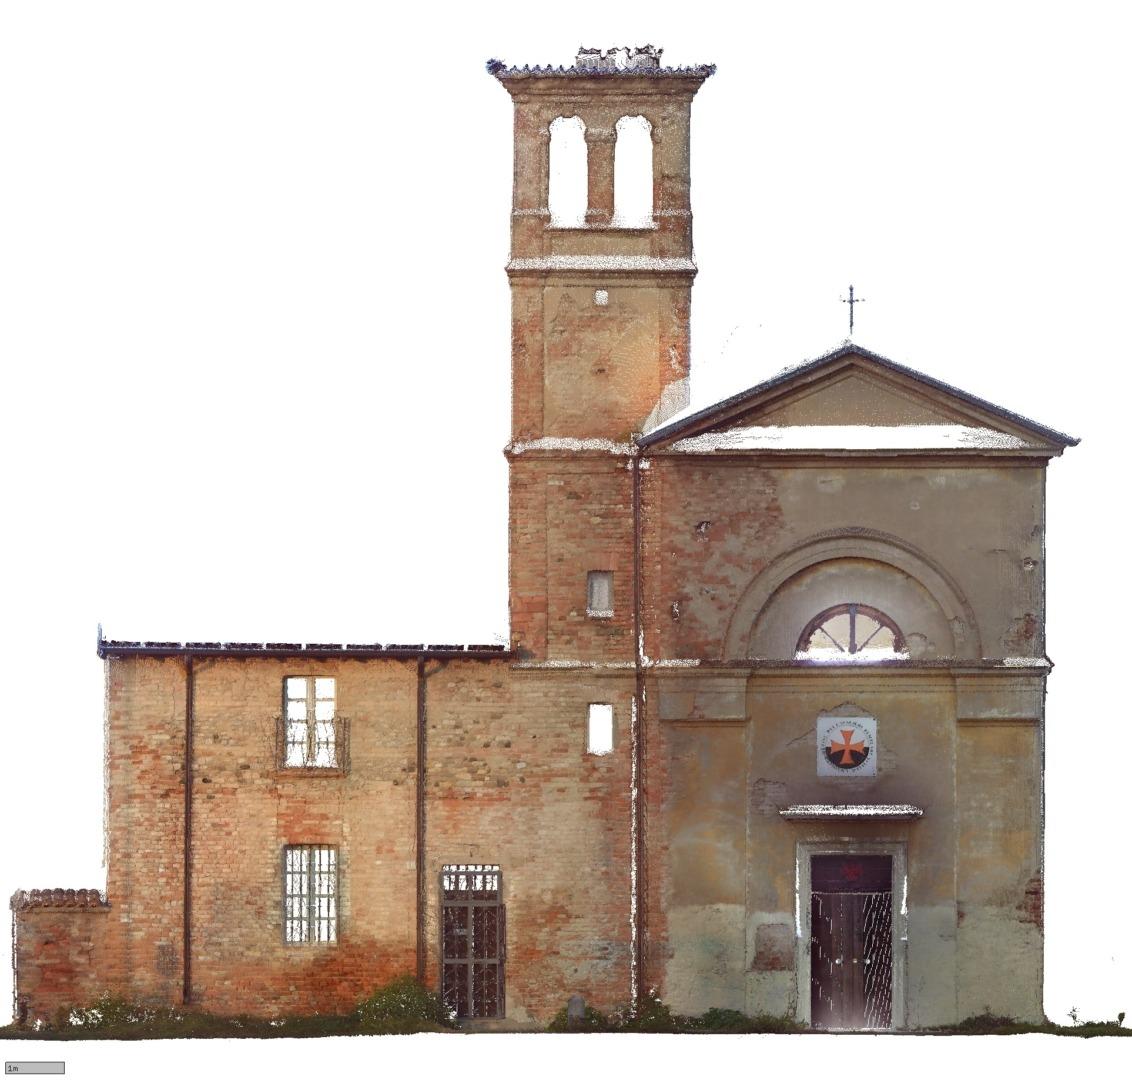 chiesa-abbandonata-ortofoto-nuvola-di-punti